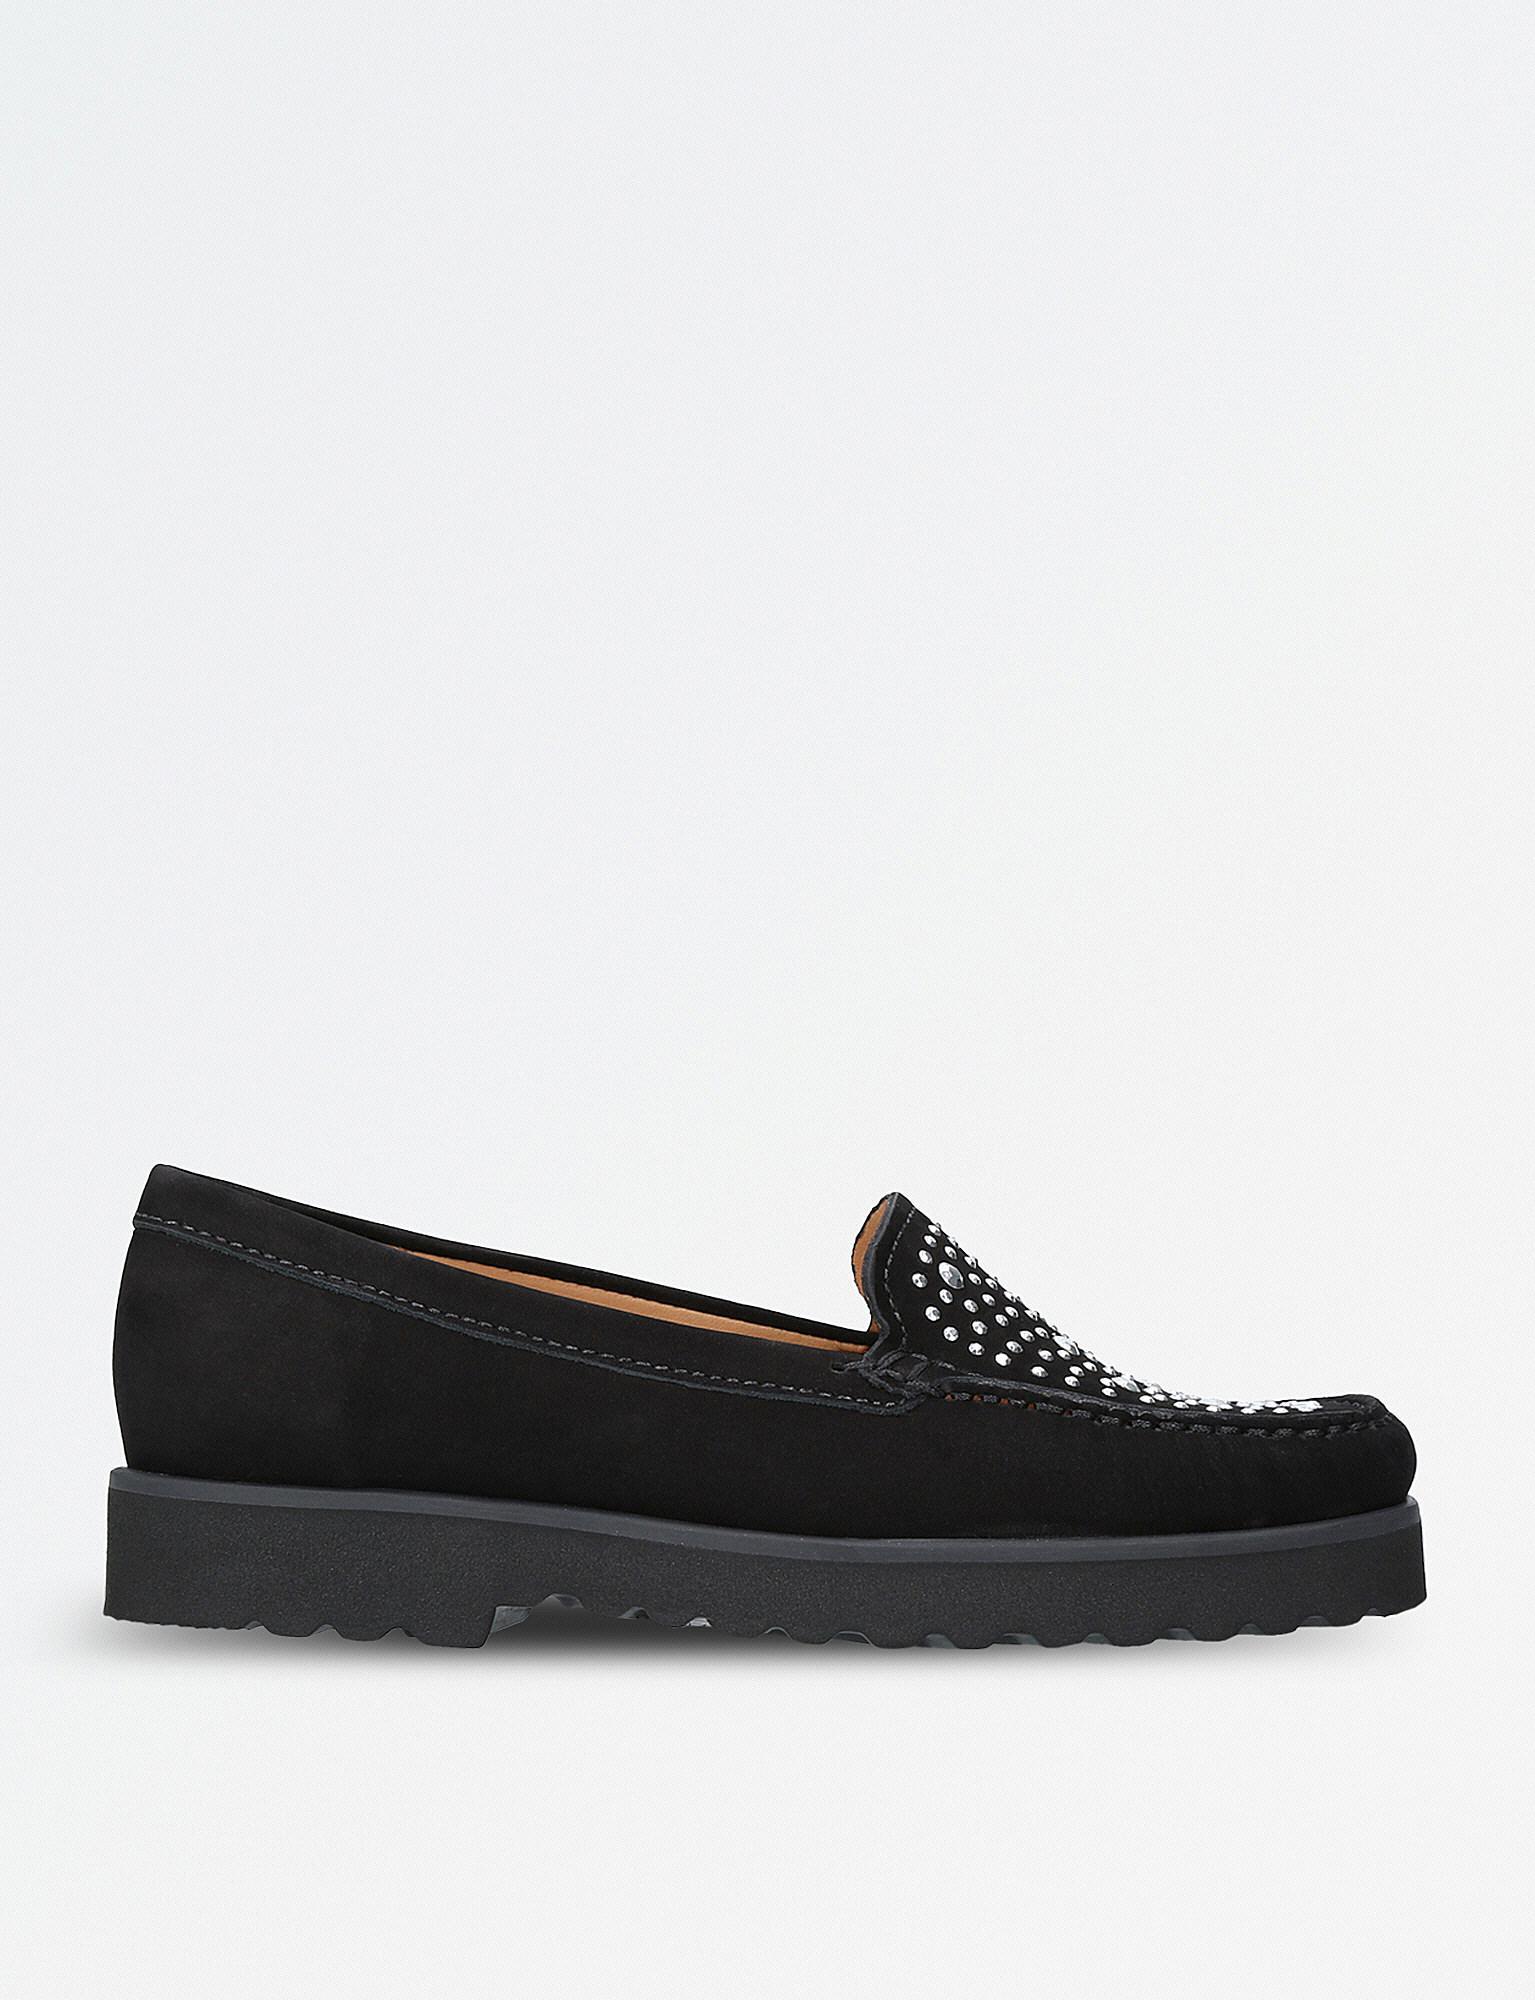 d06a0d367ad Carvela Kurt Geiger Camille Embellished Suede Loafers in Black - Lyst